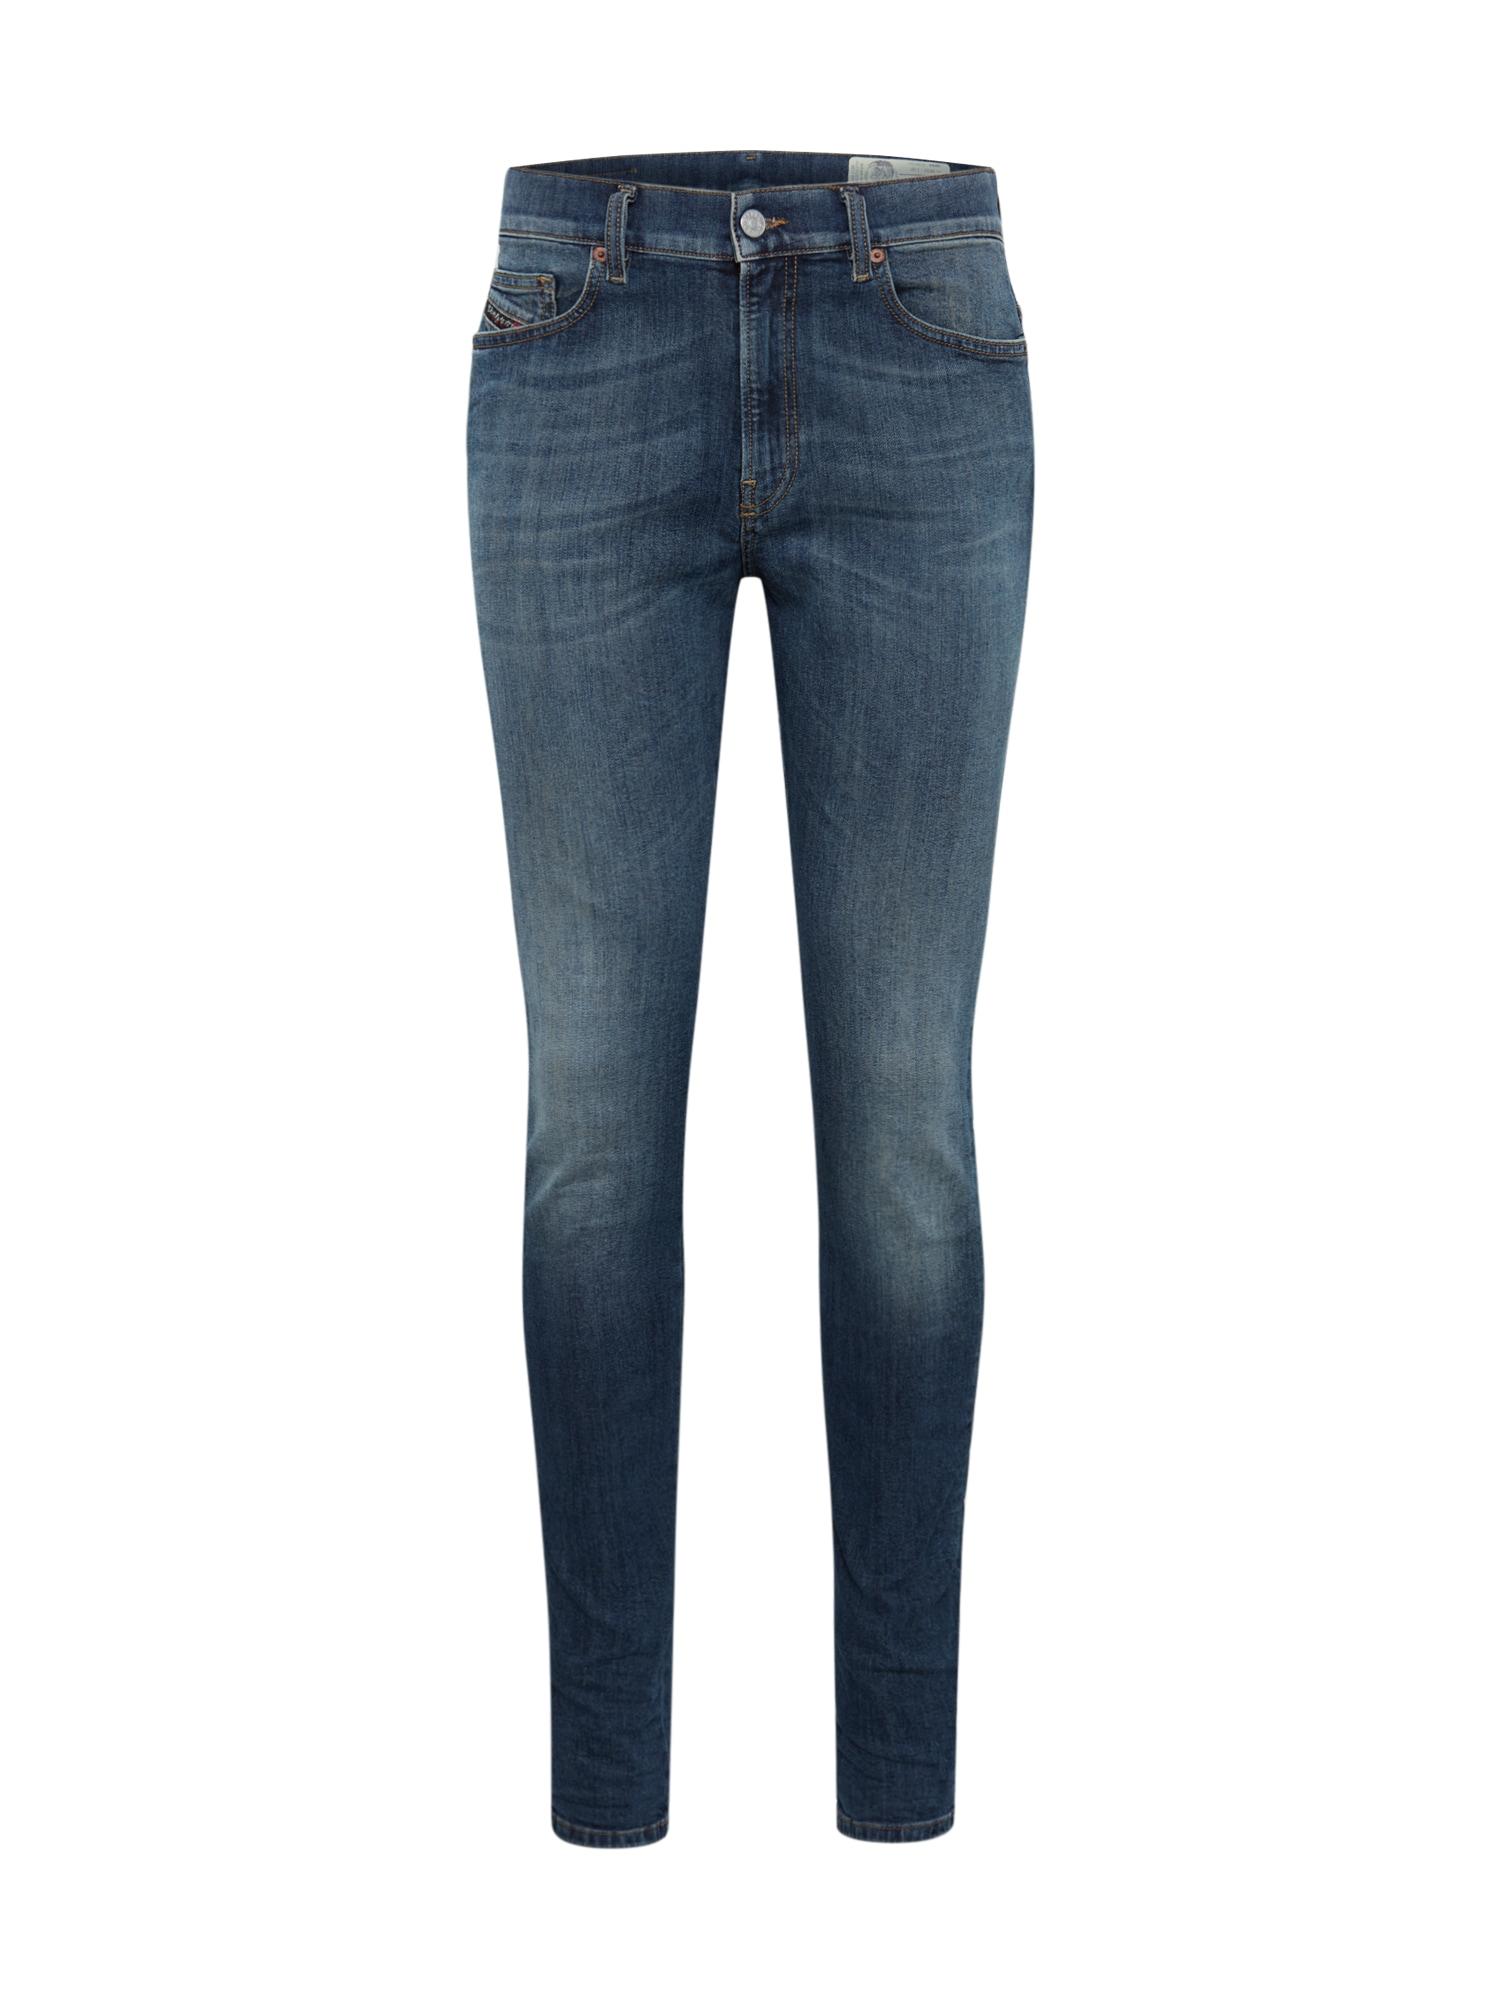 DIESEL Džinsai 'D-AMNY-X' tamsiai (džinso) mėlyna